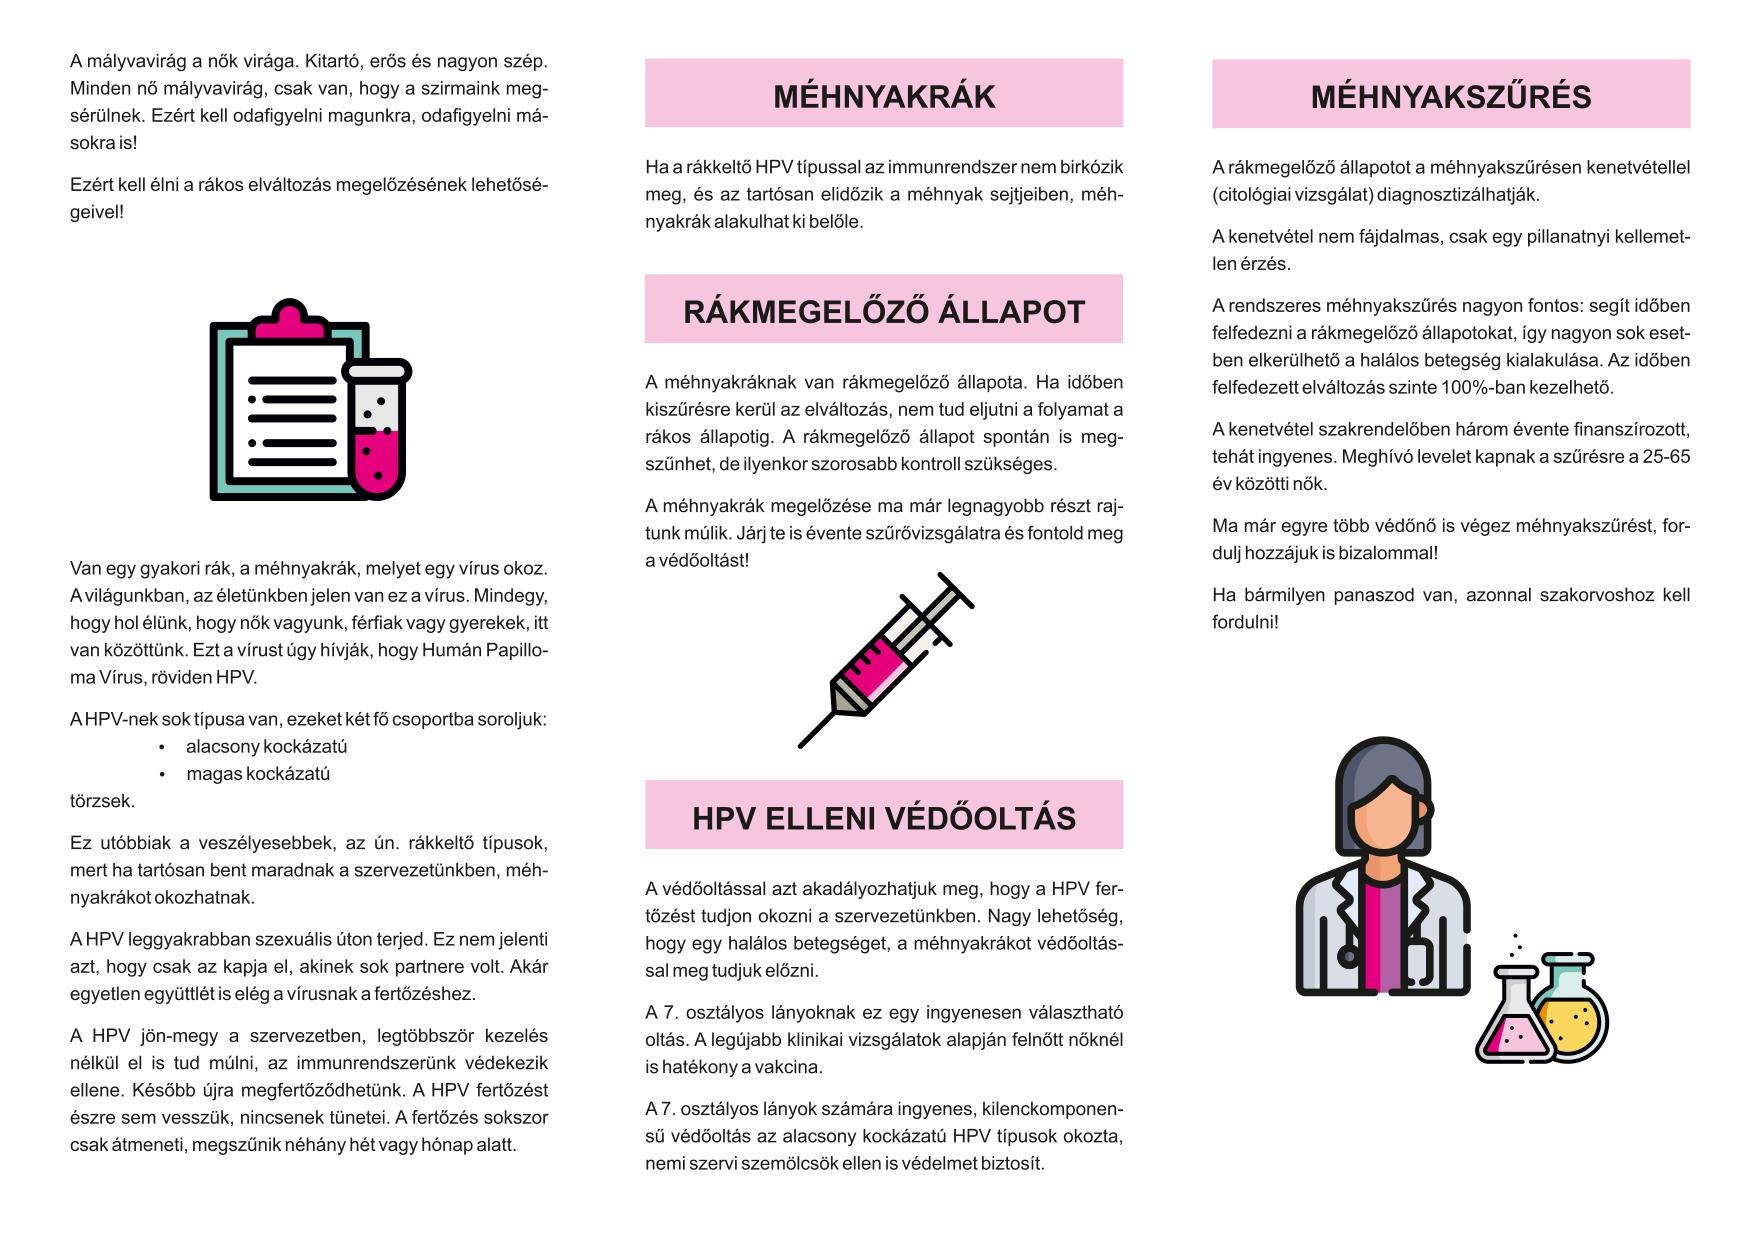 hpv kezelés és megelőzés féreghajtó gyógyszerek giardia ellen